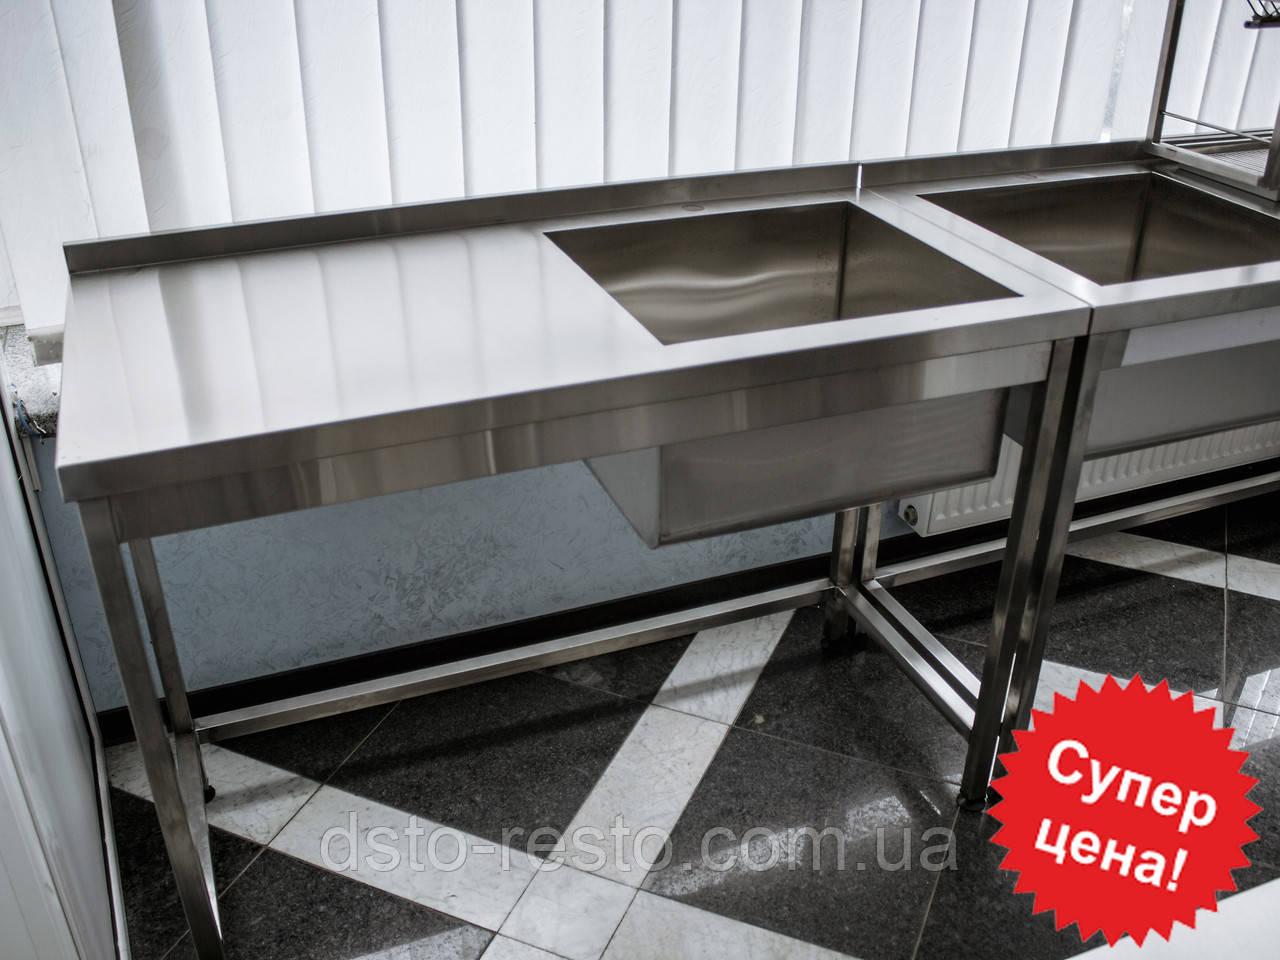 Ванна моечная с рабочей поверхностью 1200/600/850 мм